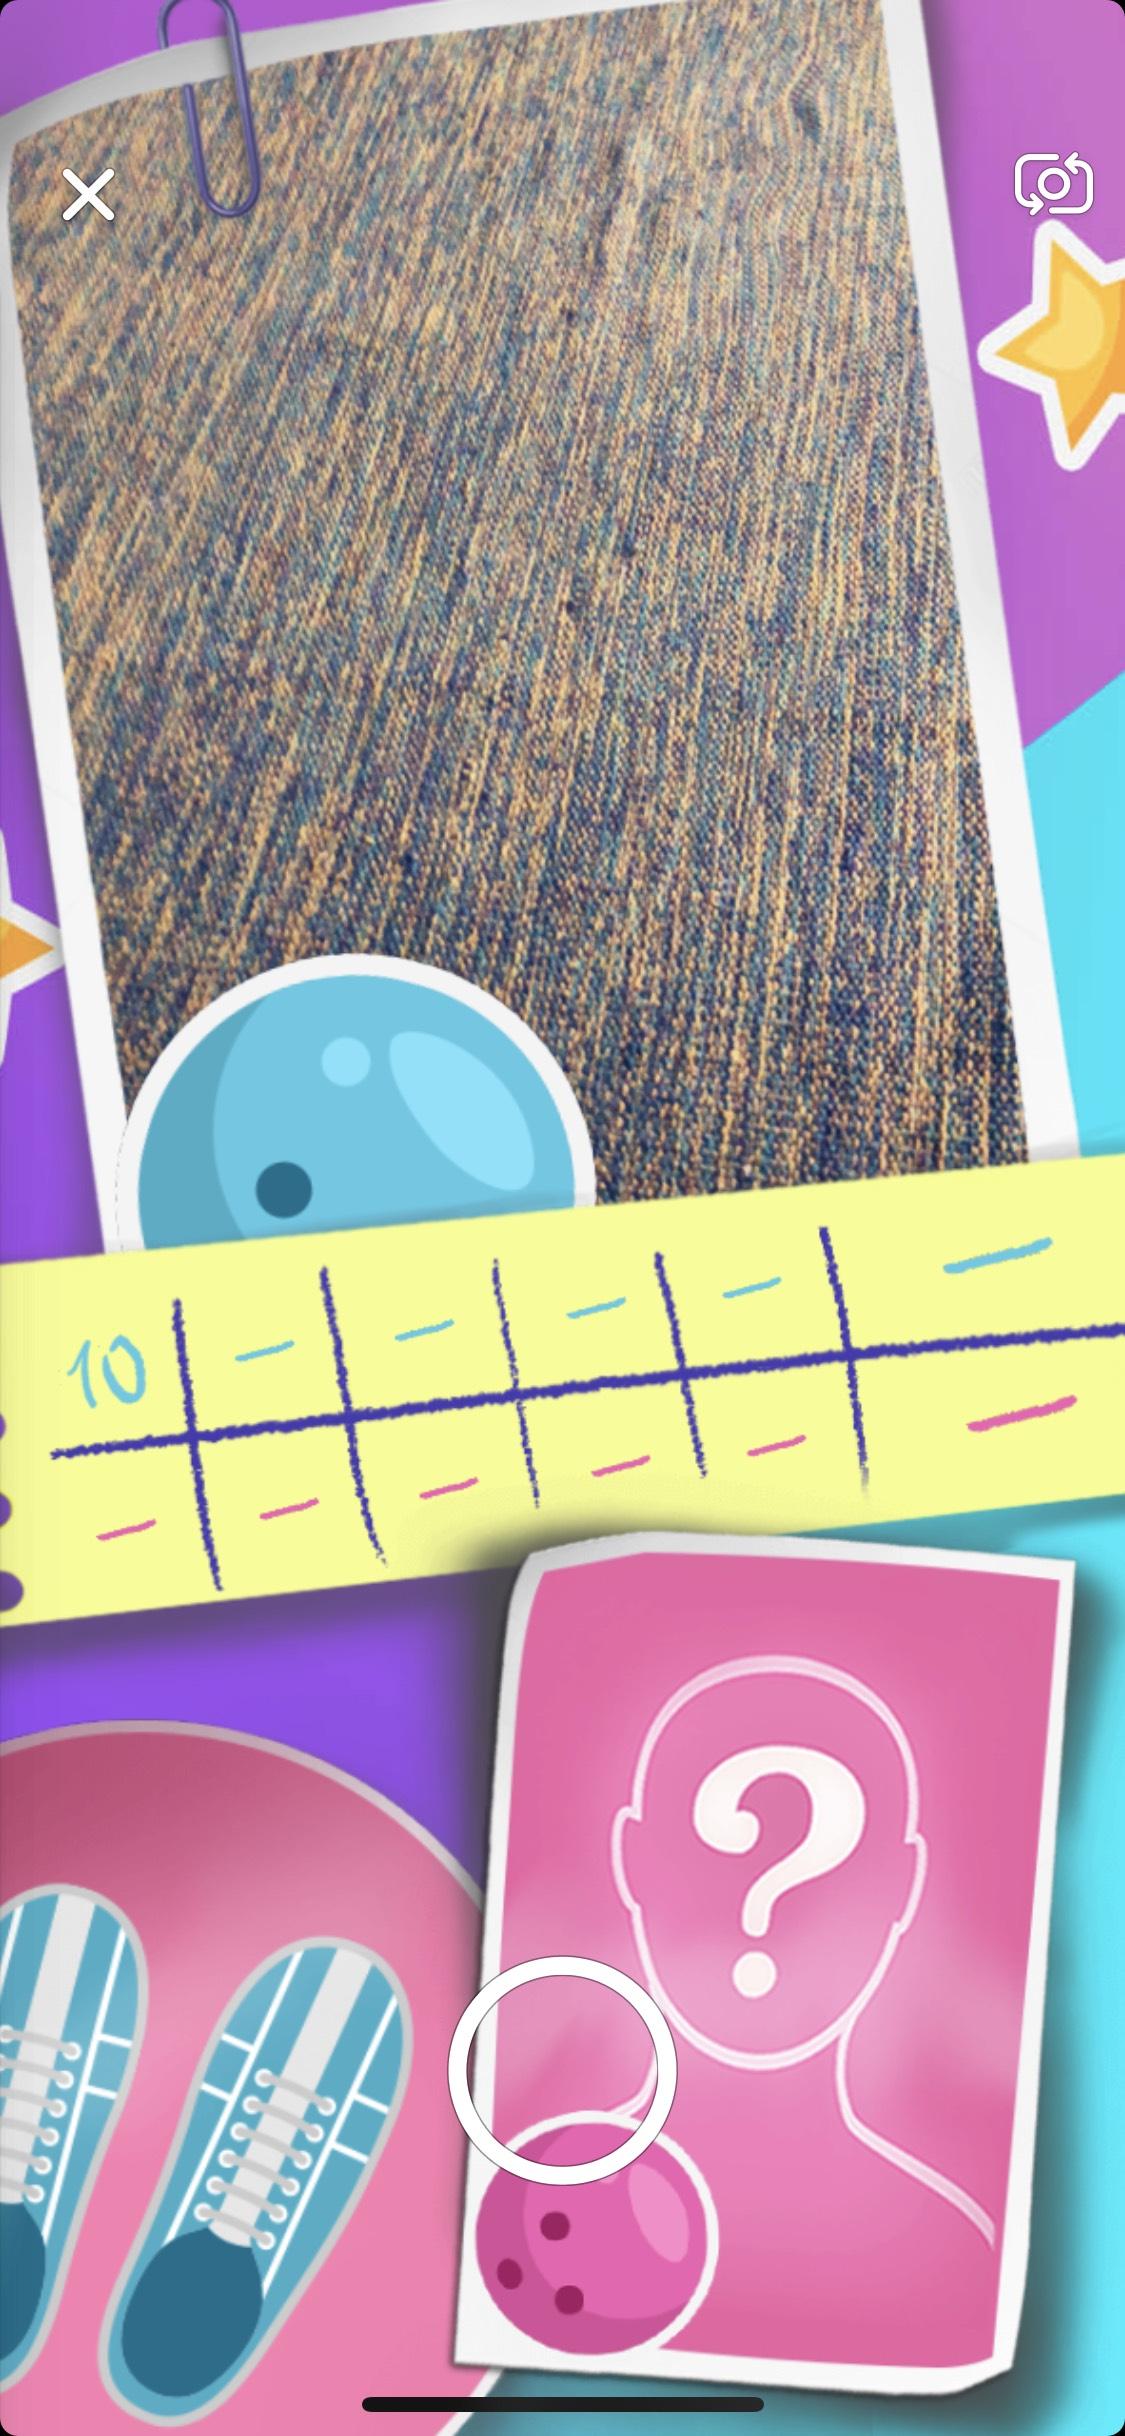 Highest Score on Snapchat Bowling - Wojdylo Social Media